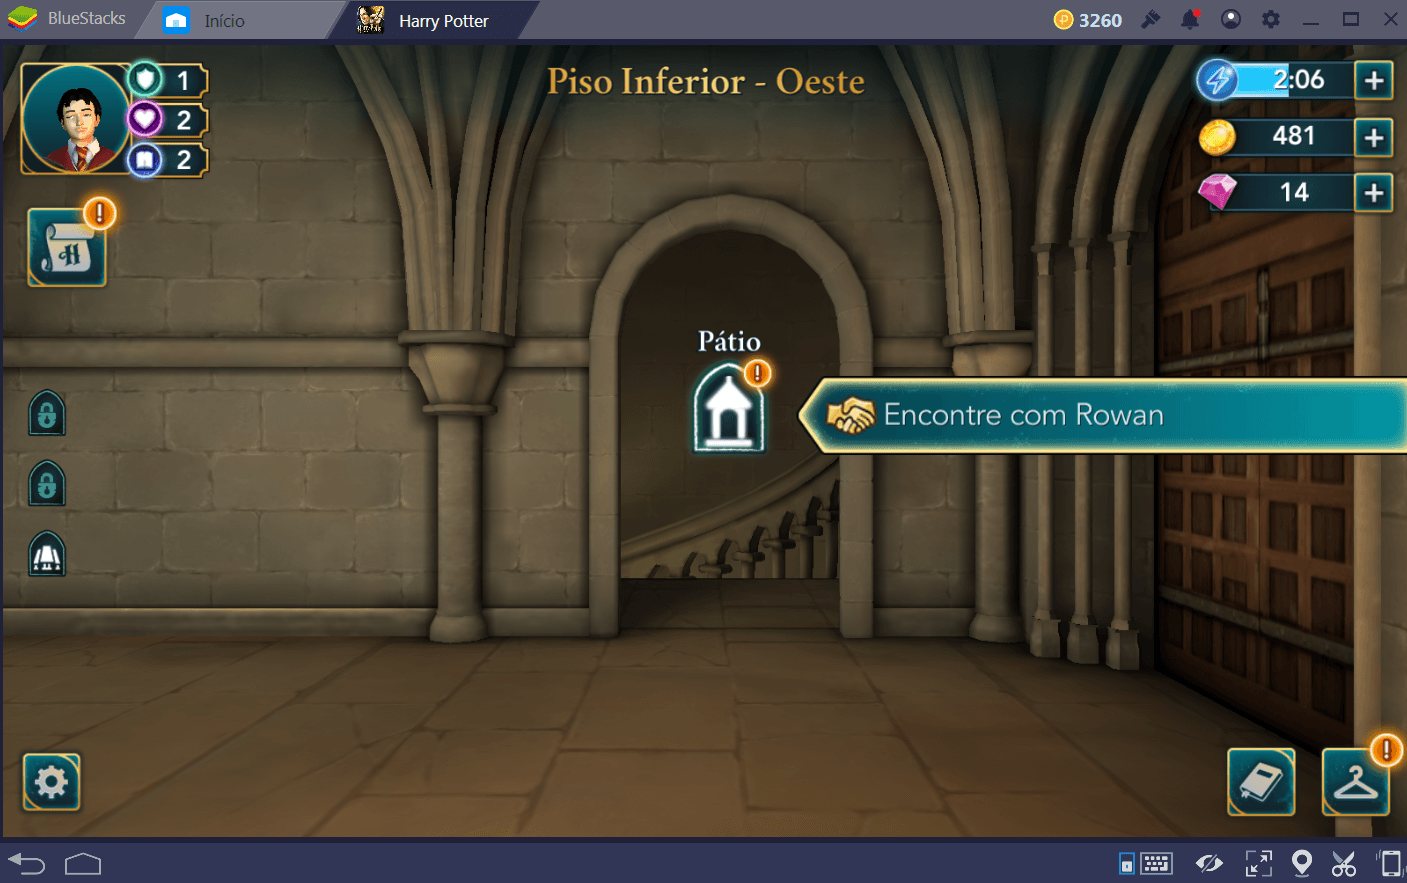 Guia de energia em Harry Potter: Hogwarts Mystery